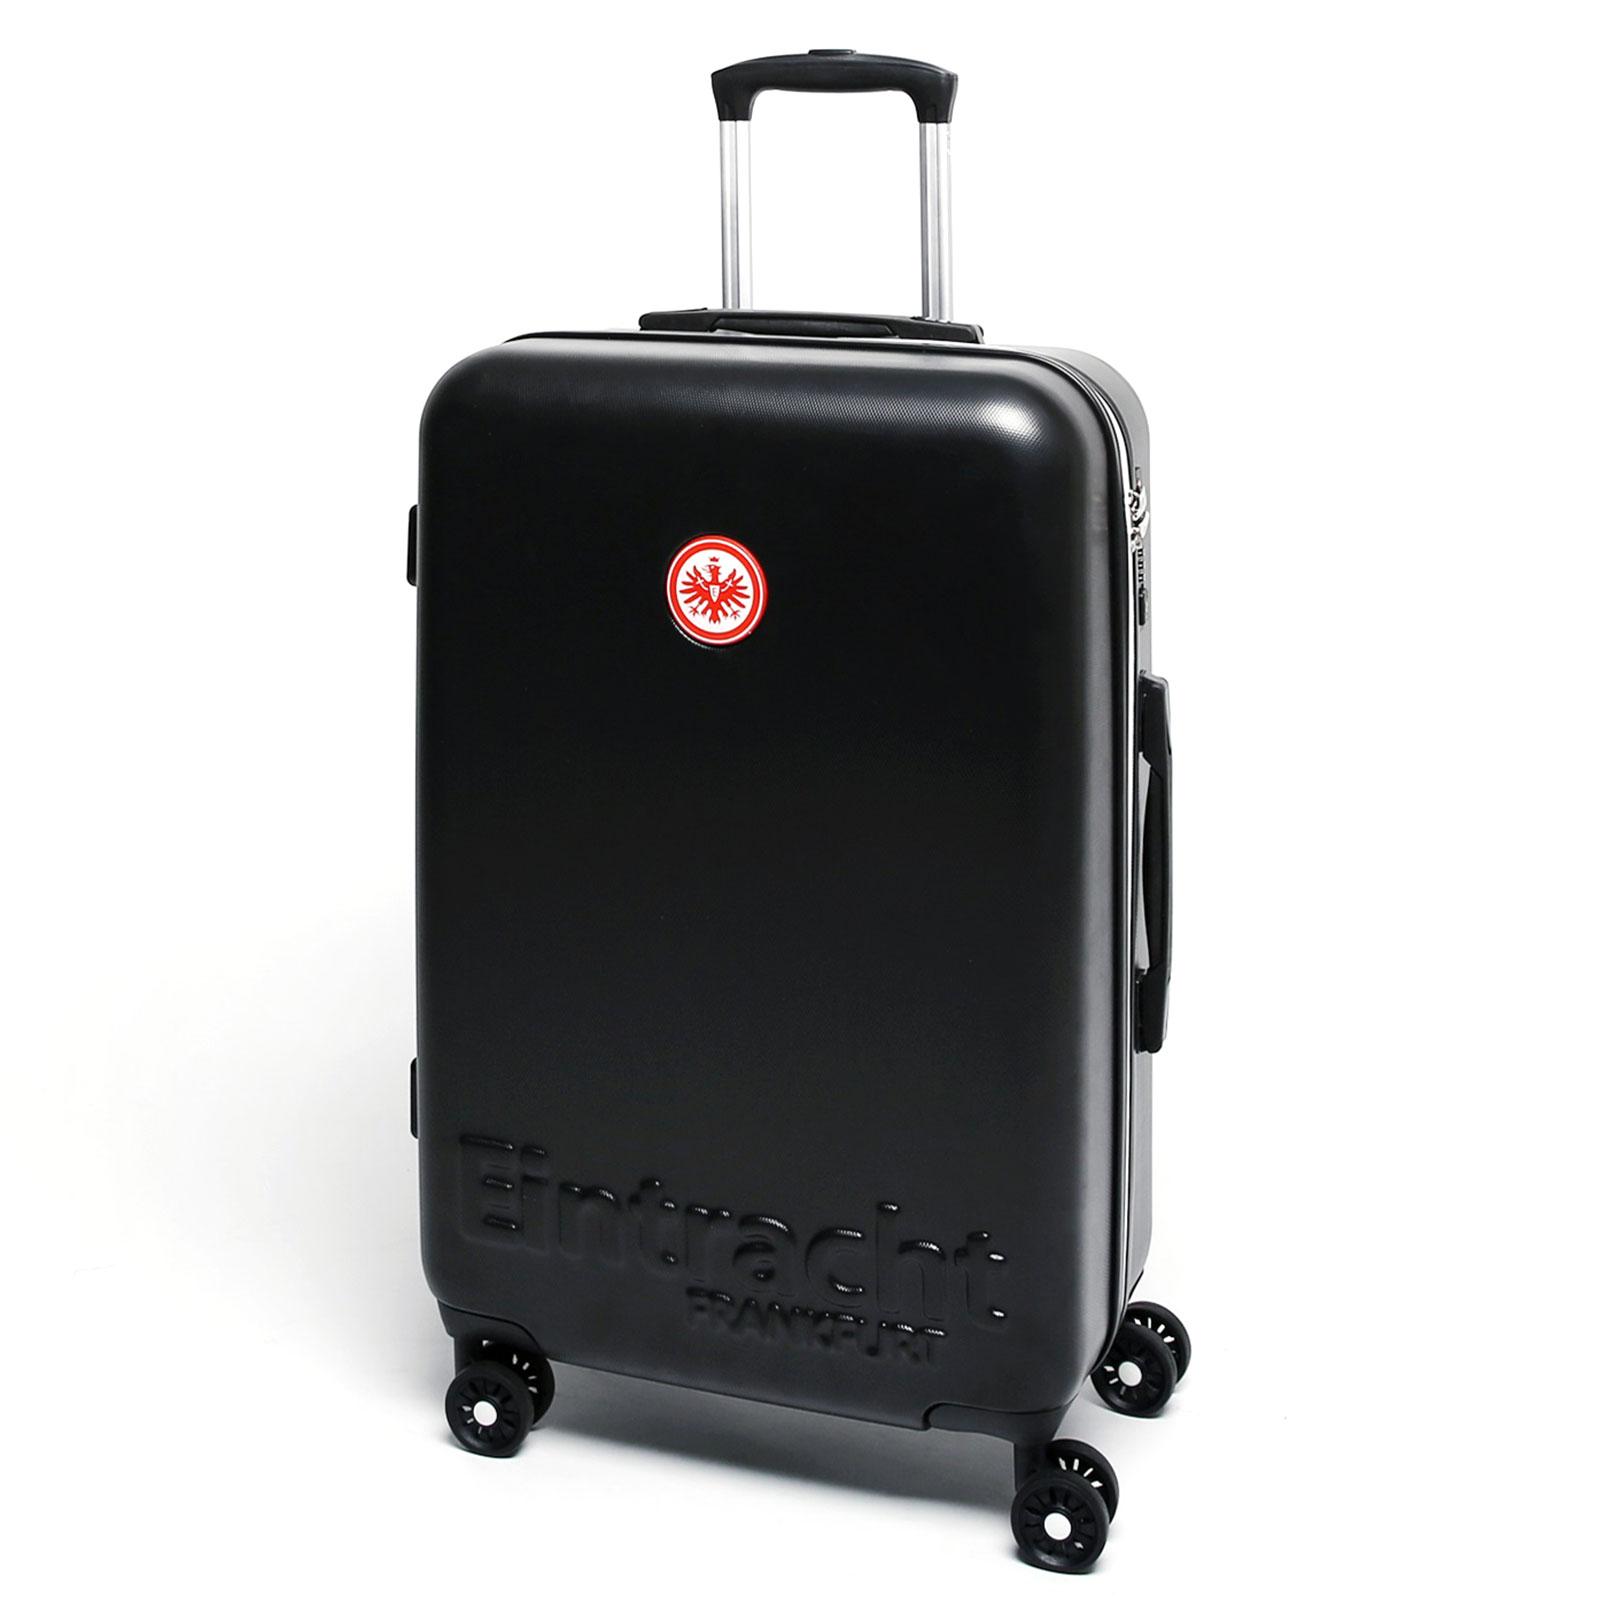 eintracht frankfurt trolley 67 cm 4 rollen g nstig kaufen koffermarkt. Black Bedroom Furniture Sets. Home Design Ideas